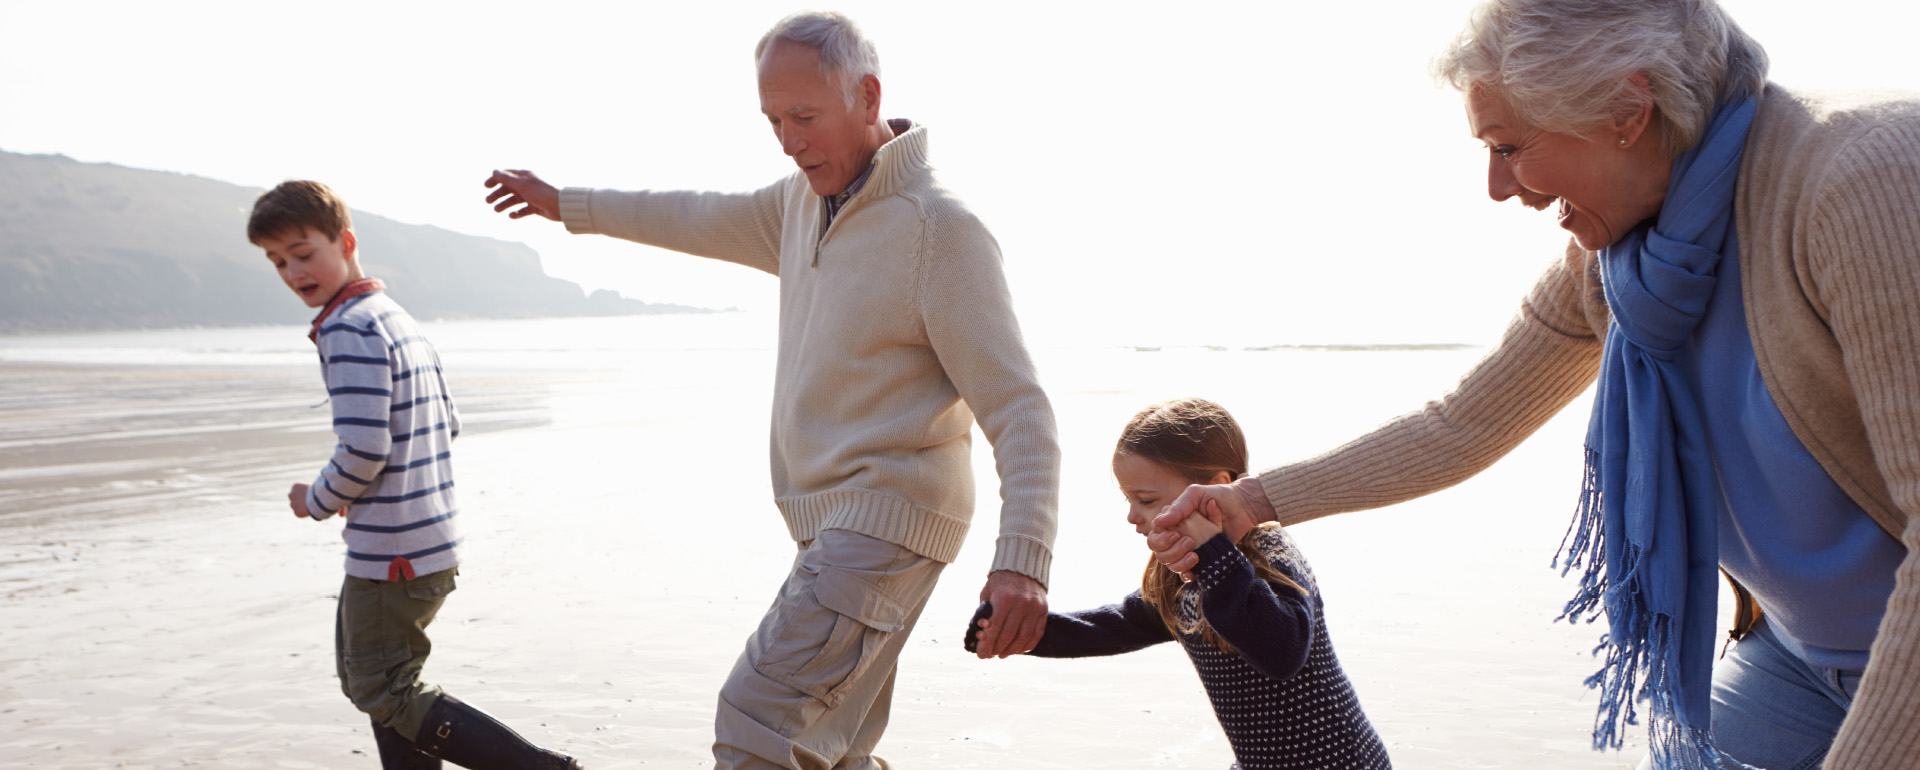 Alte und junge Menschen